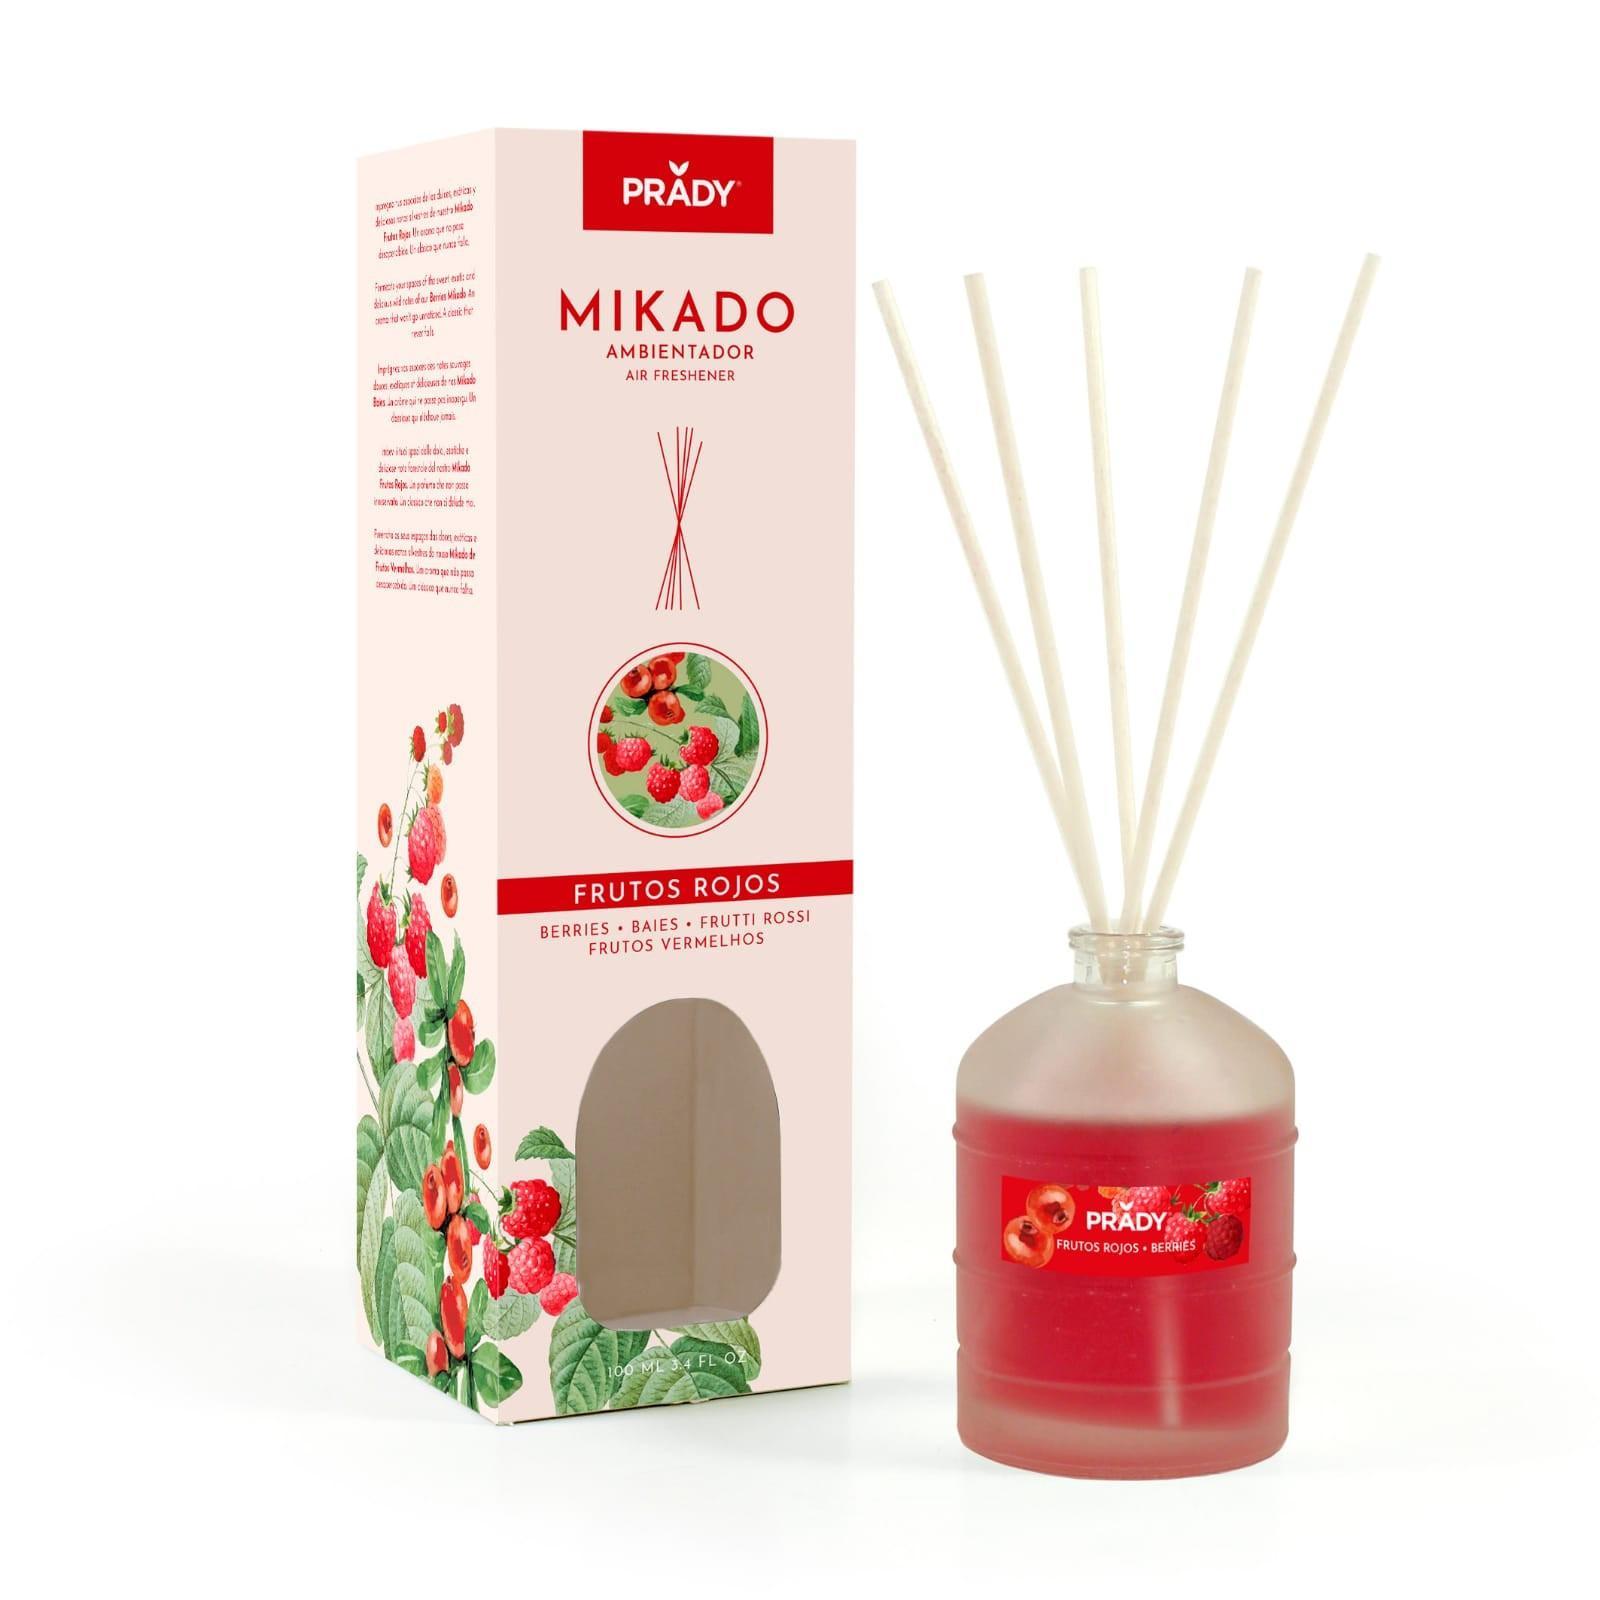 Ambientador Mikado Frutos Rojos Prady 100 ml.